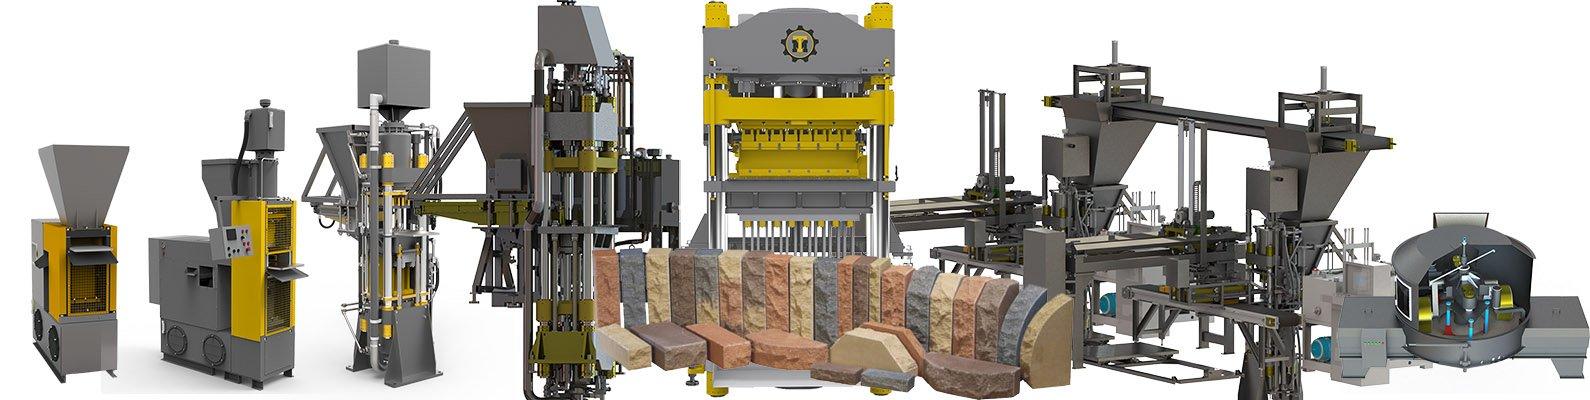 Оборудования для производства кирпича - гиперпрессы TITAN